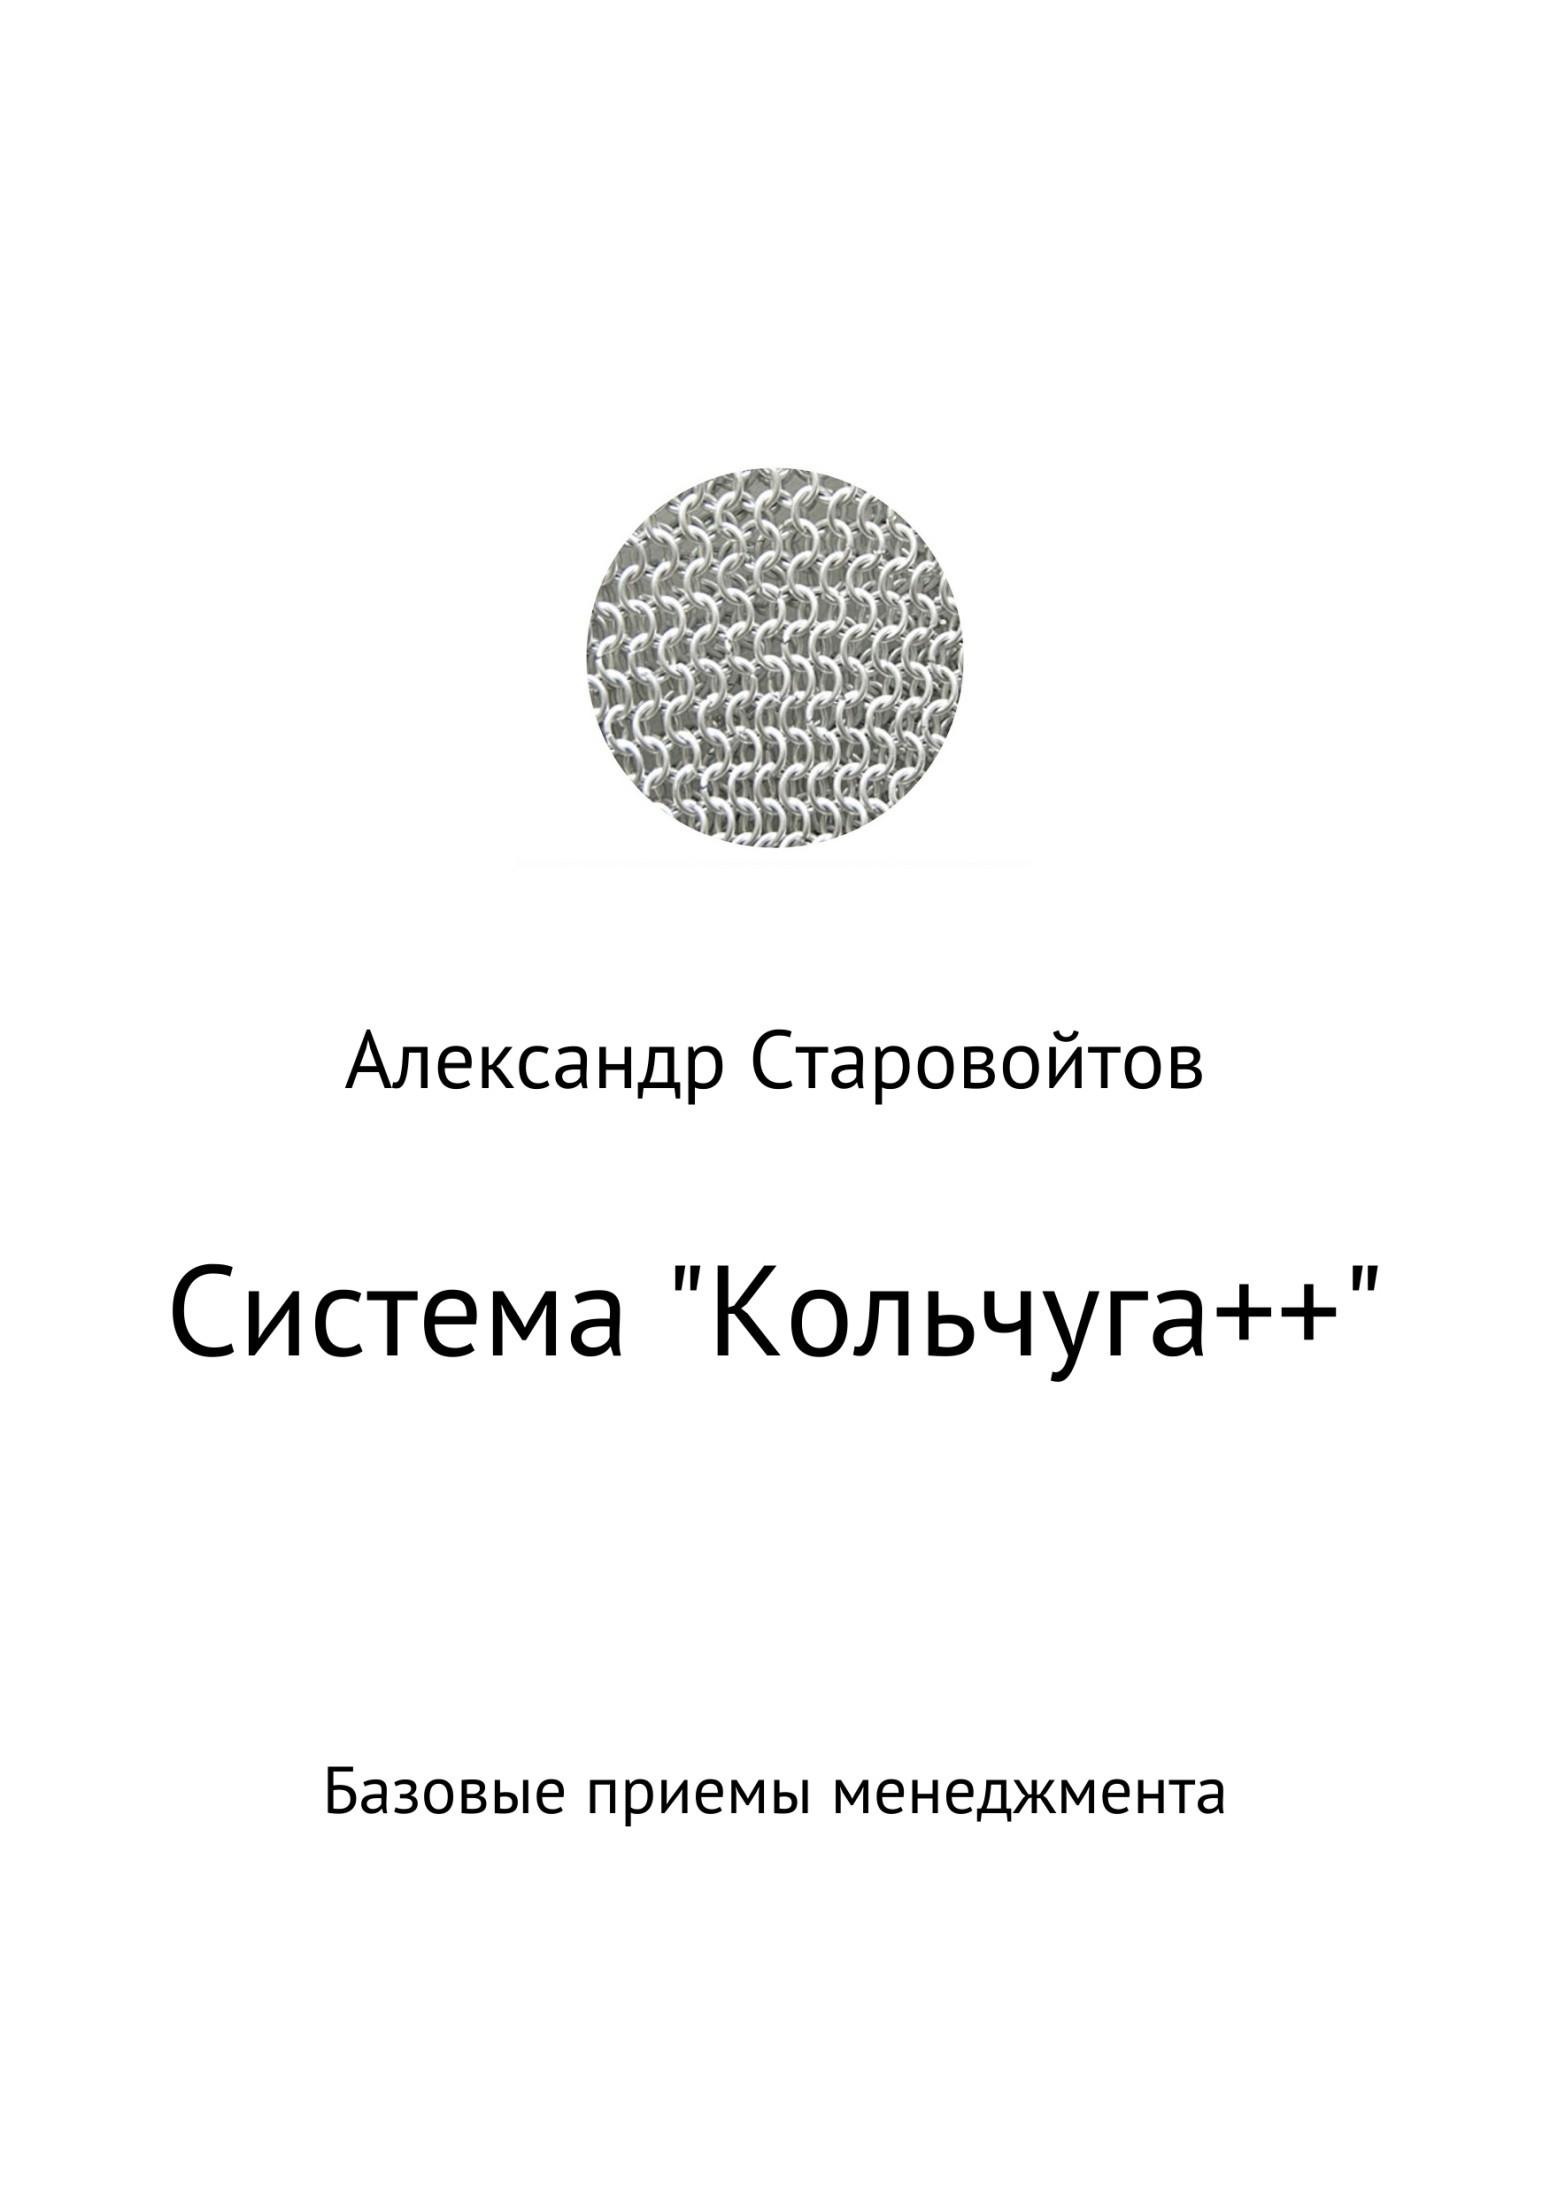 Обложка книги. Автор - Александр Старовойтов